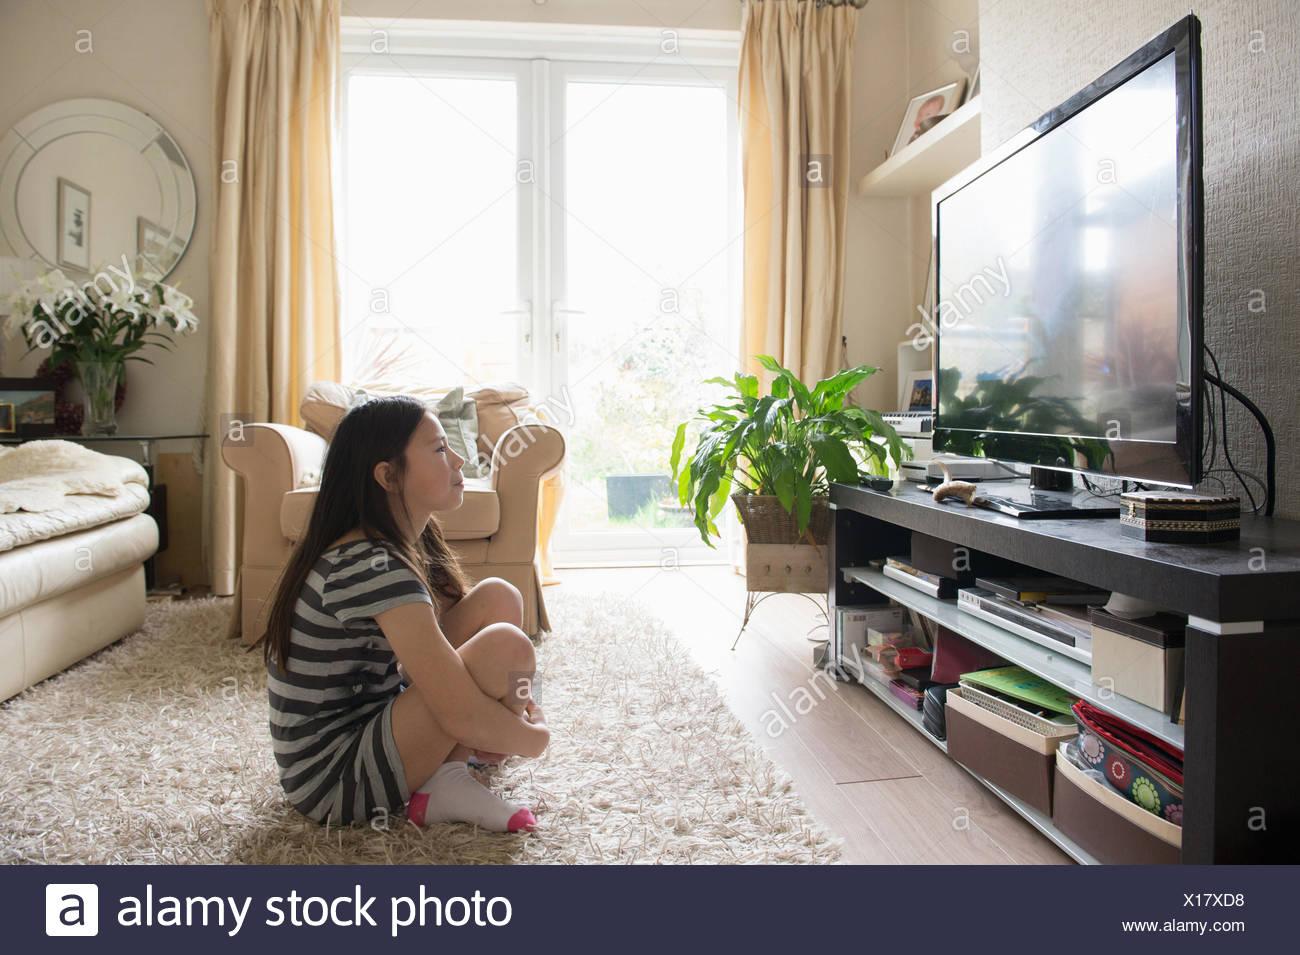 Ragazza seduta sul tappeto a guardare la televisione Immagini Stock